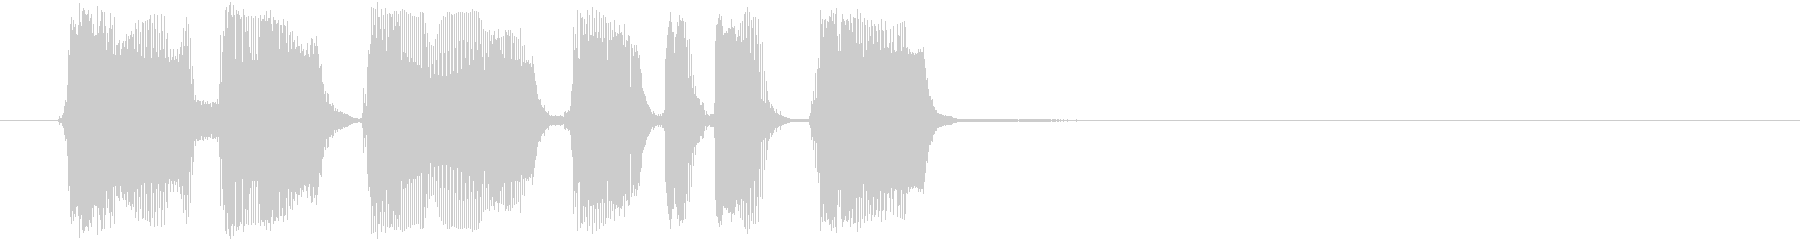 トランペットの勢いがあるアイキャッチの未再生の波形